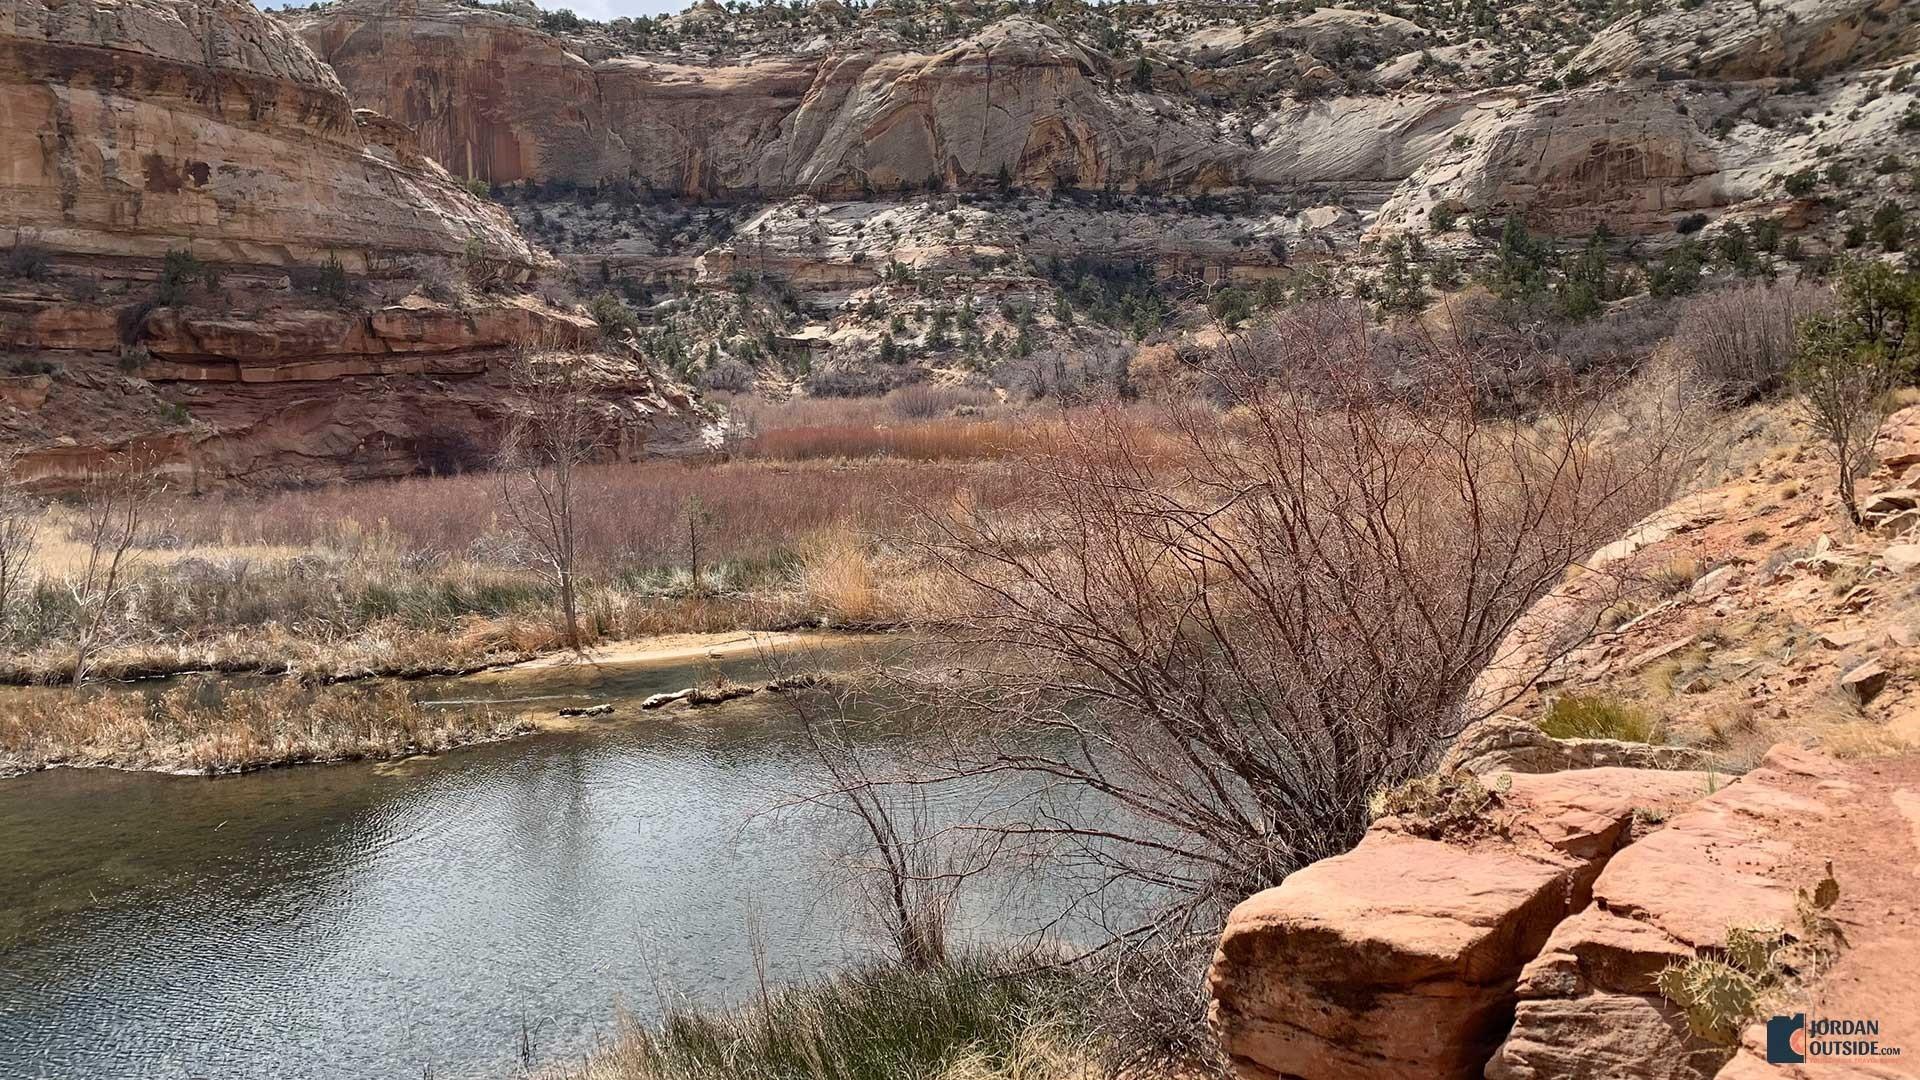 The lake at Lower Calf Creek Falls